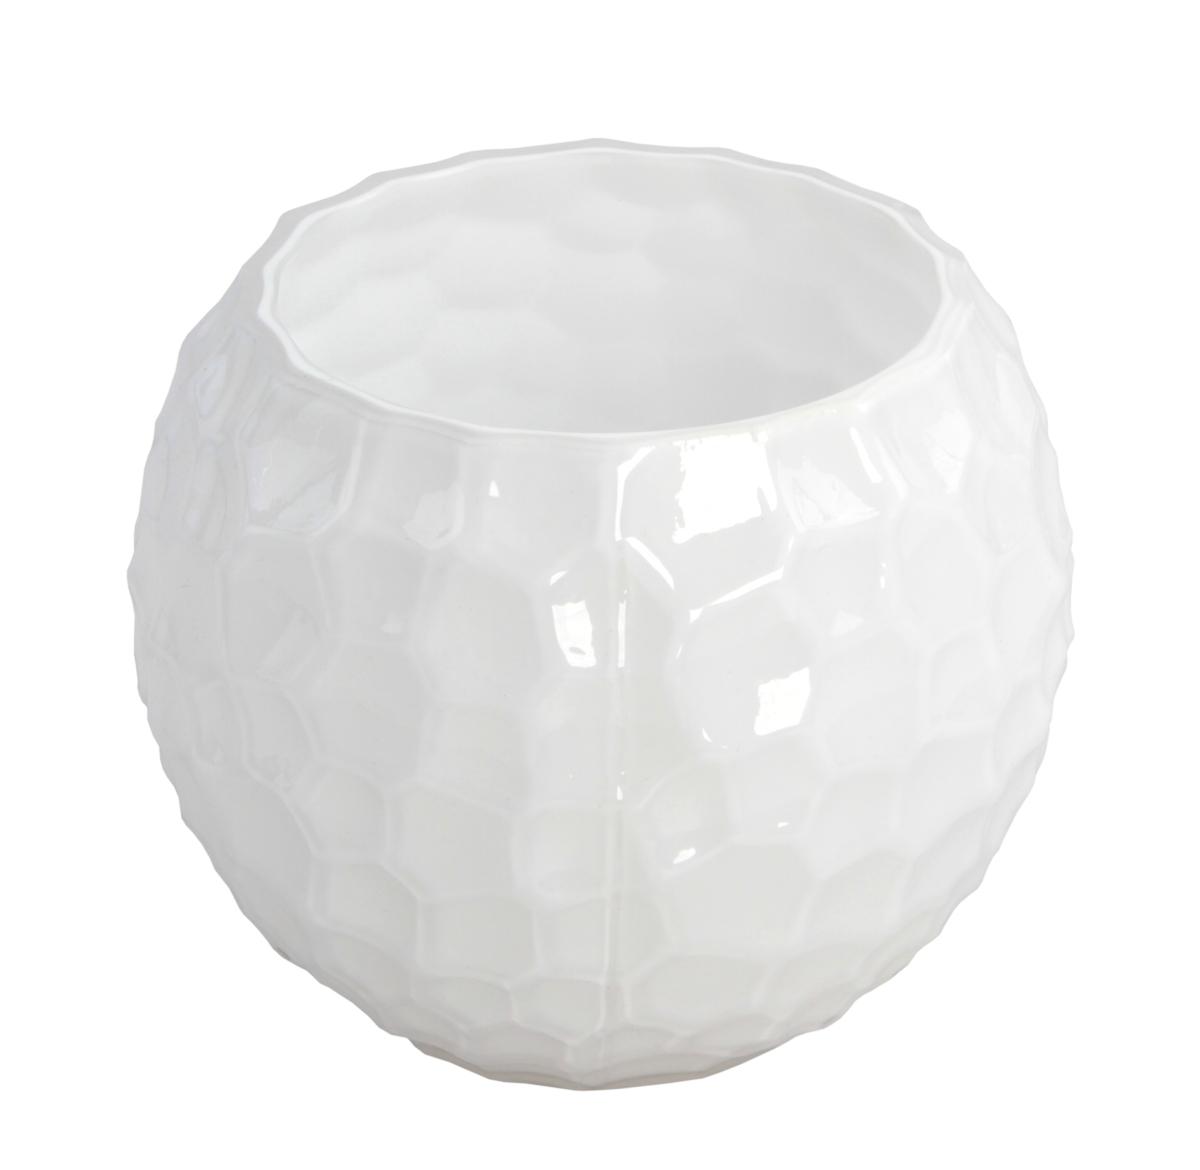 Skleněná váza/svícen bílá